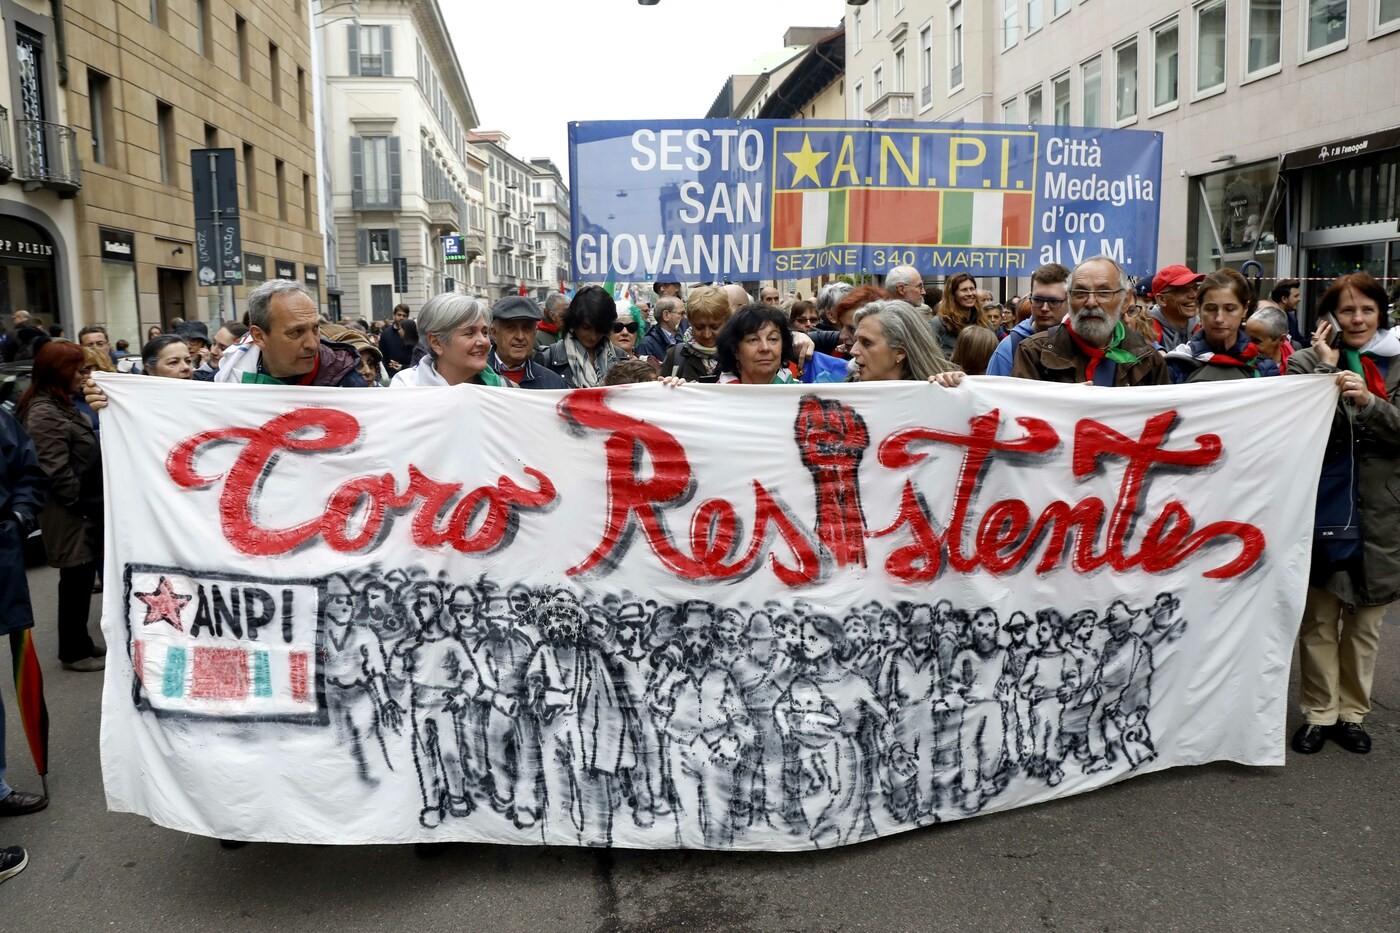 """L'Anpi: """"L'Italia chiede lo scioglimento delle organizzazioni ispirate al fascismo"""""""